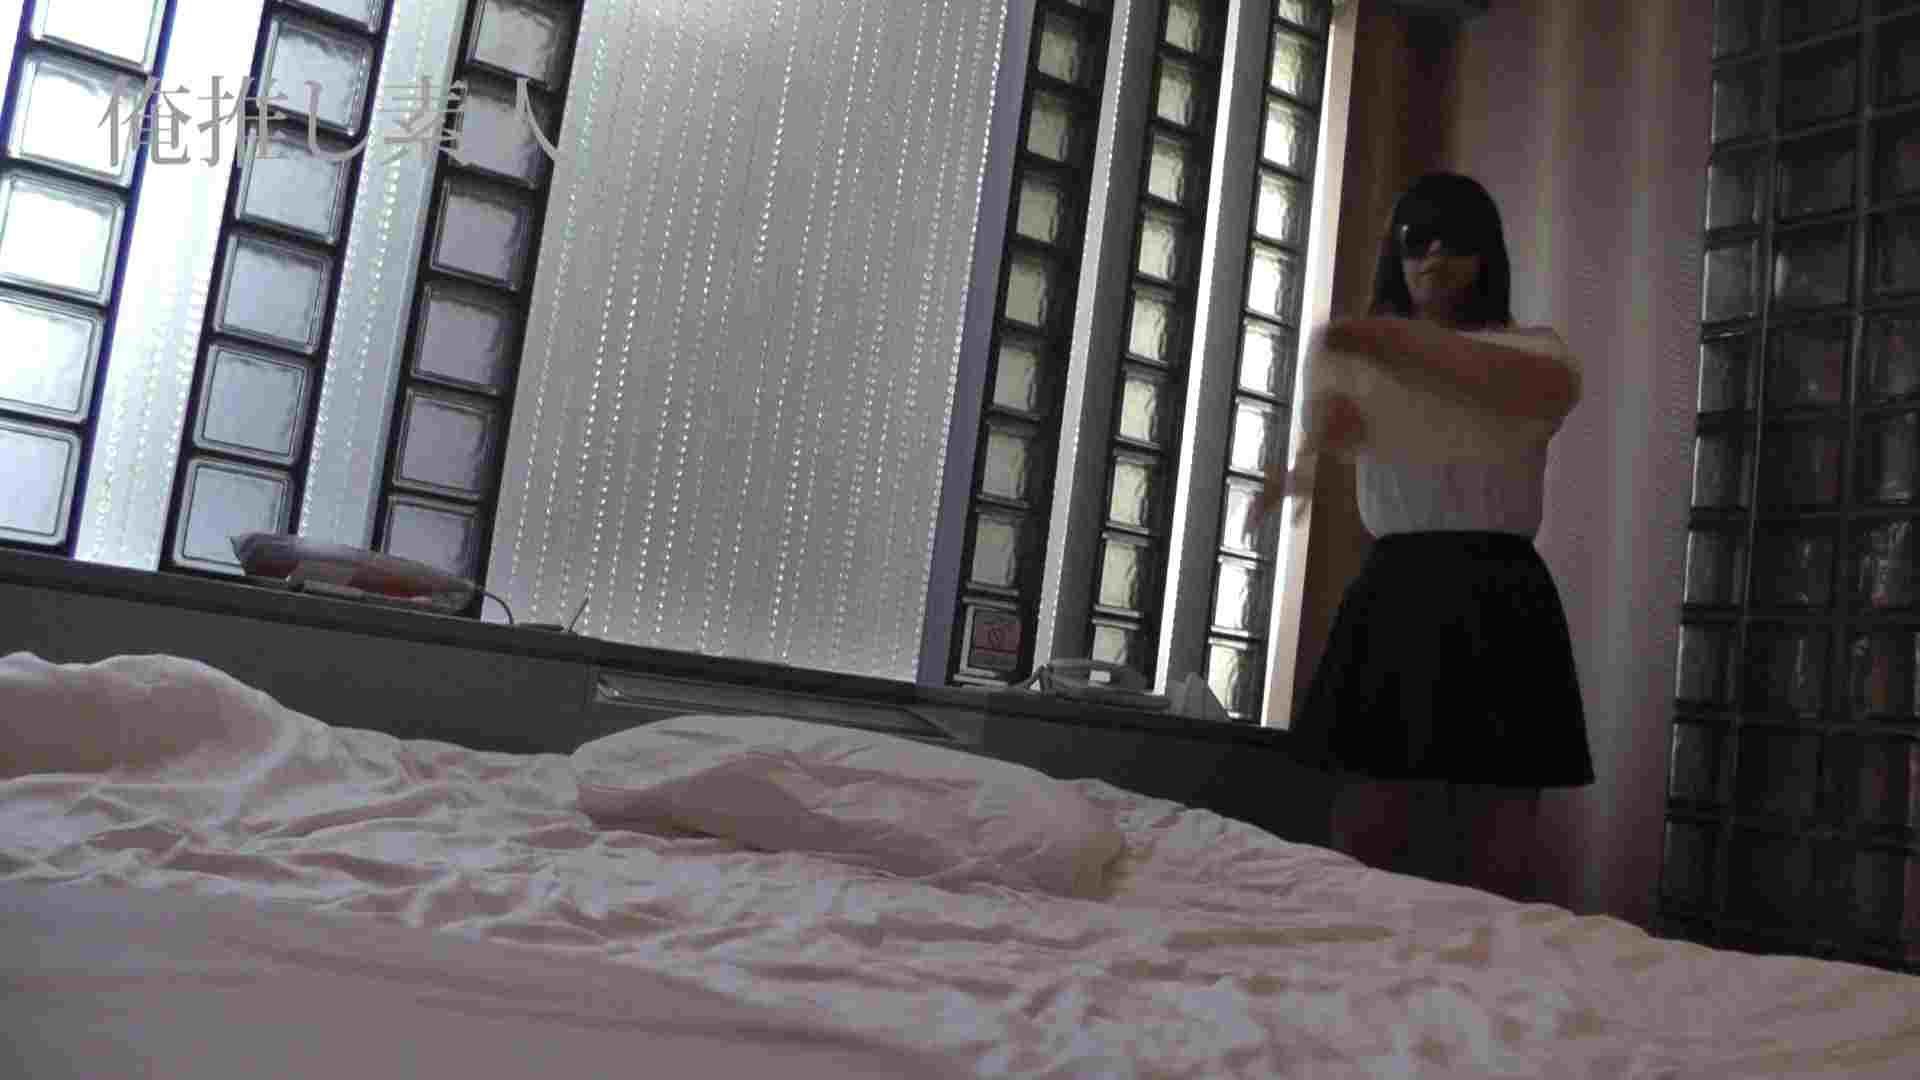 俺推し素人 EカップシングルマザーOL30歳瑤子vol4 一般投稿 ヌード画像 52pic 3